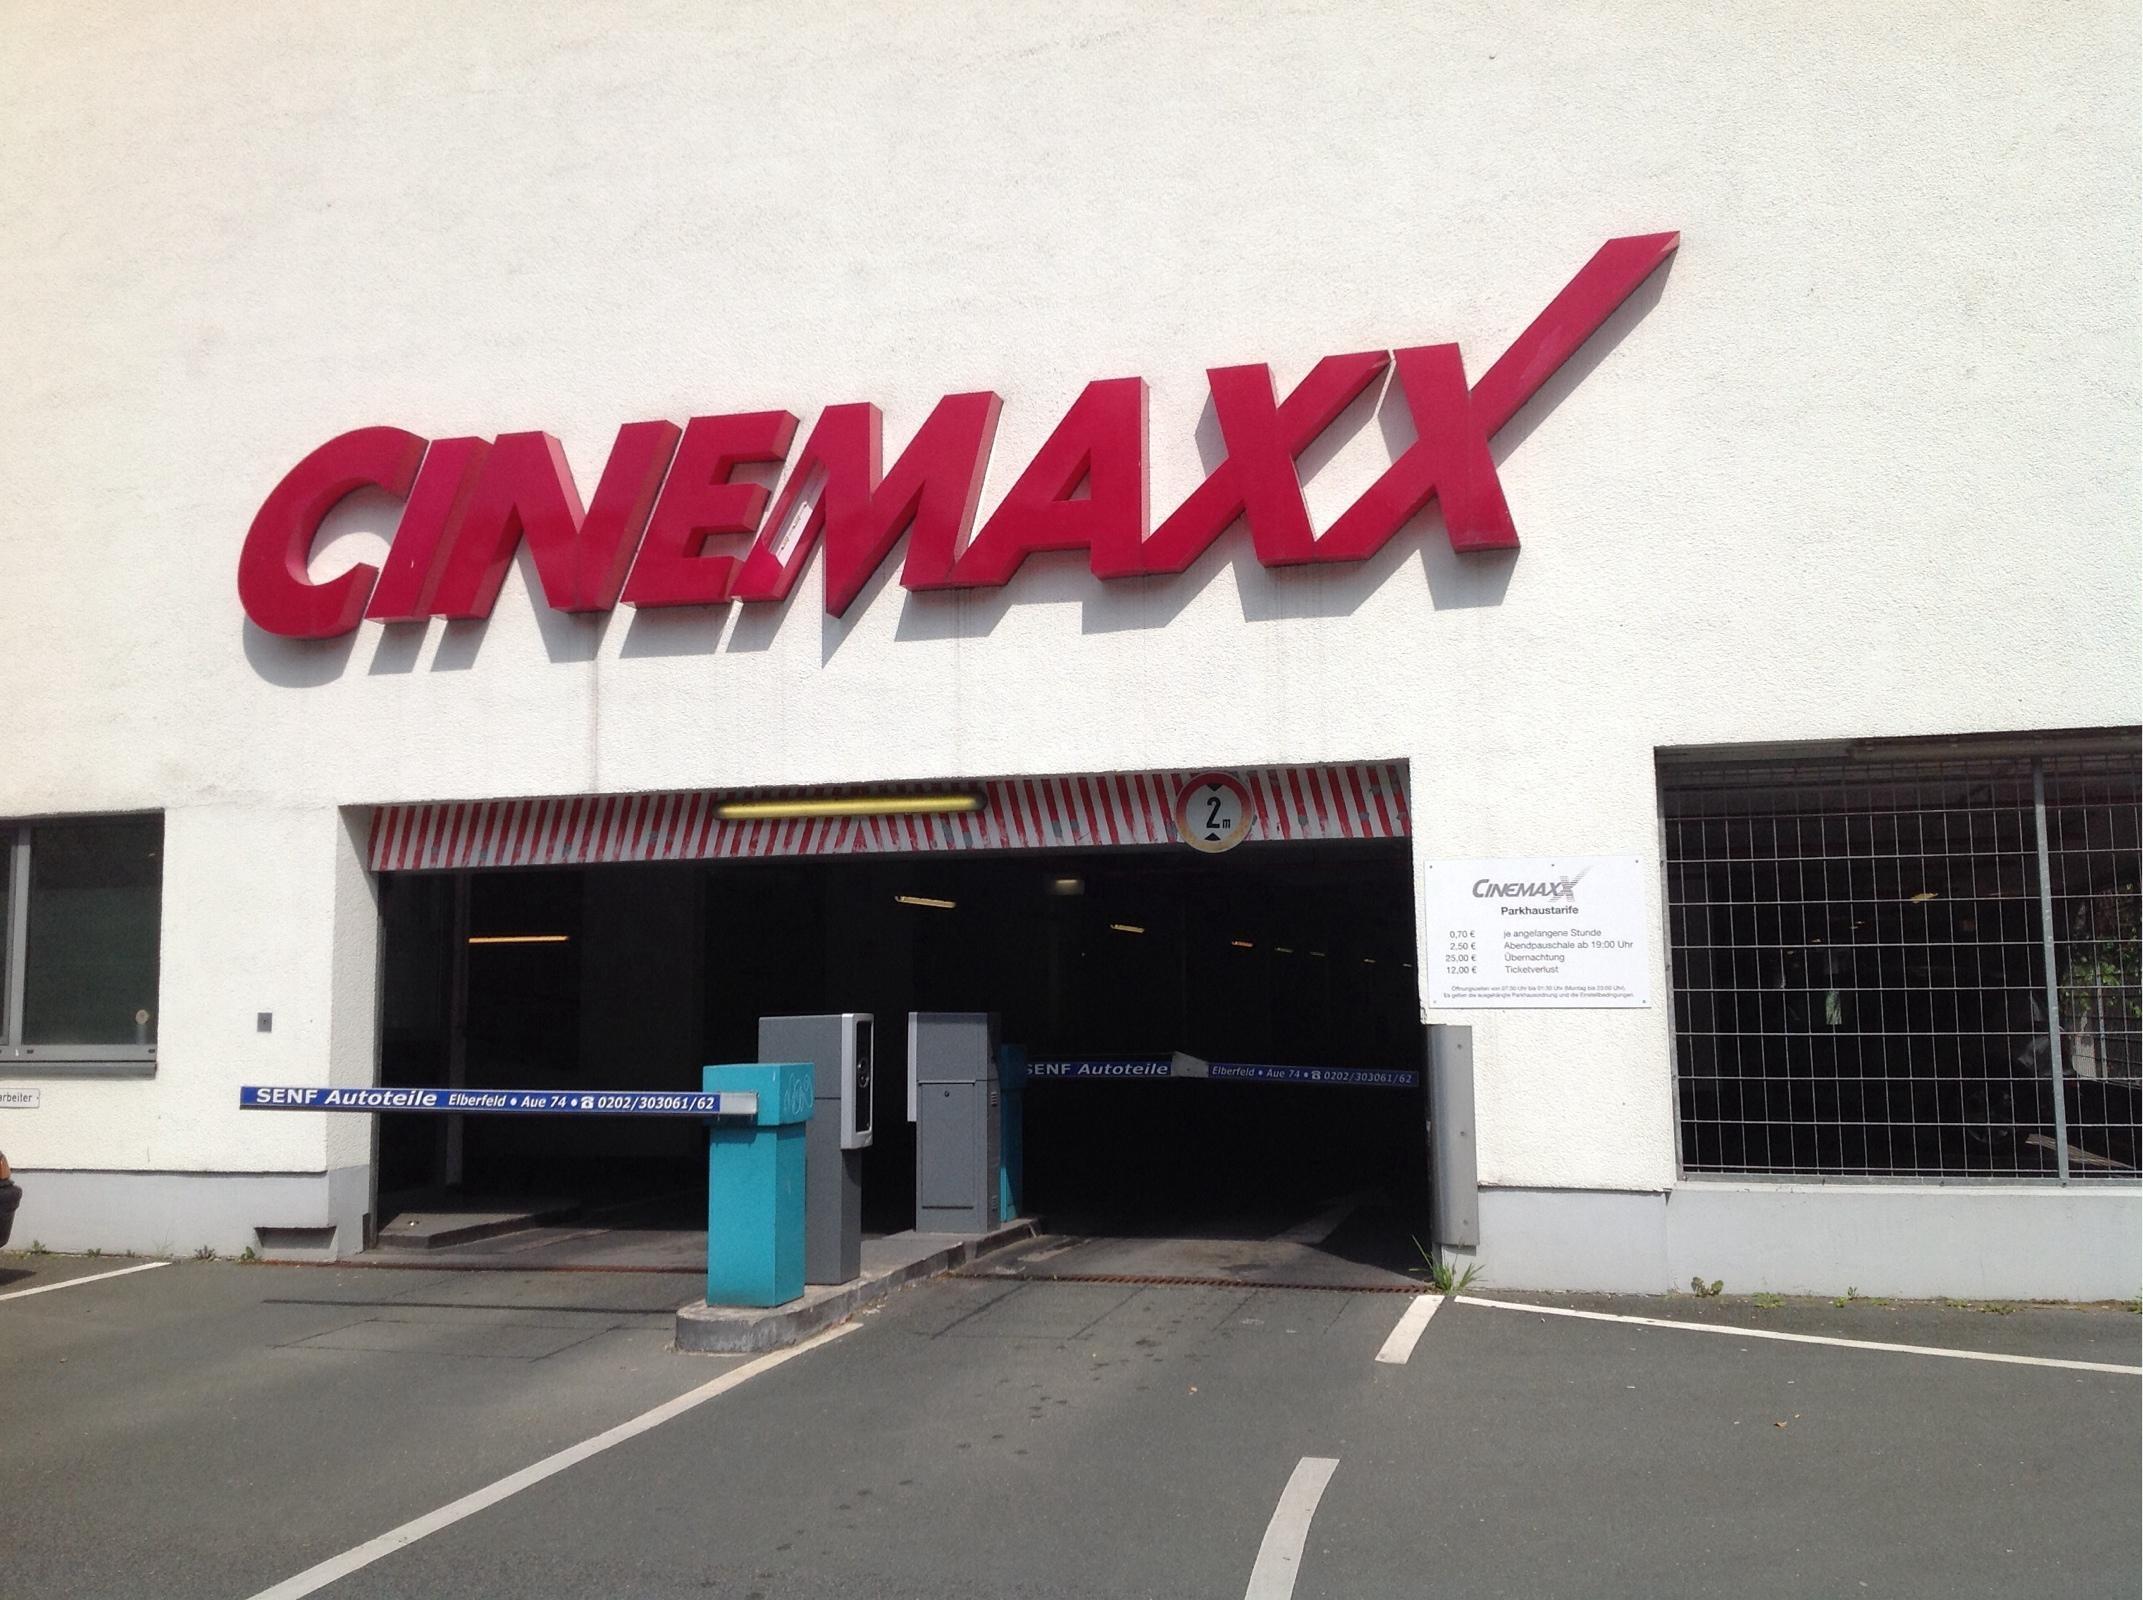 Www Cinemaxx Wuppertal